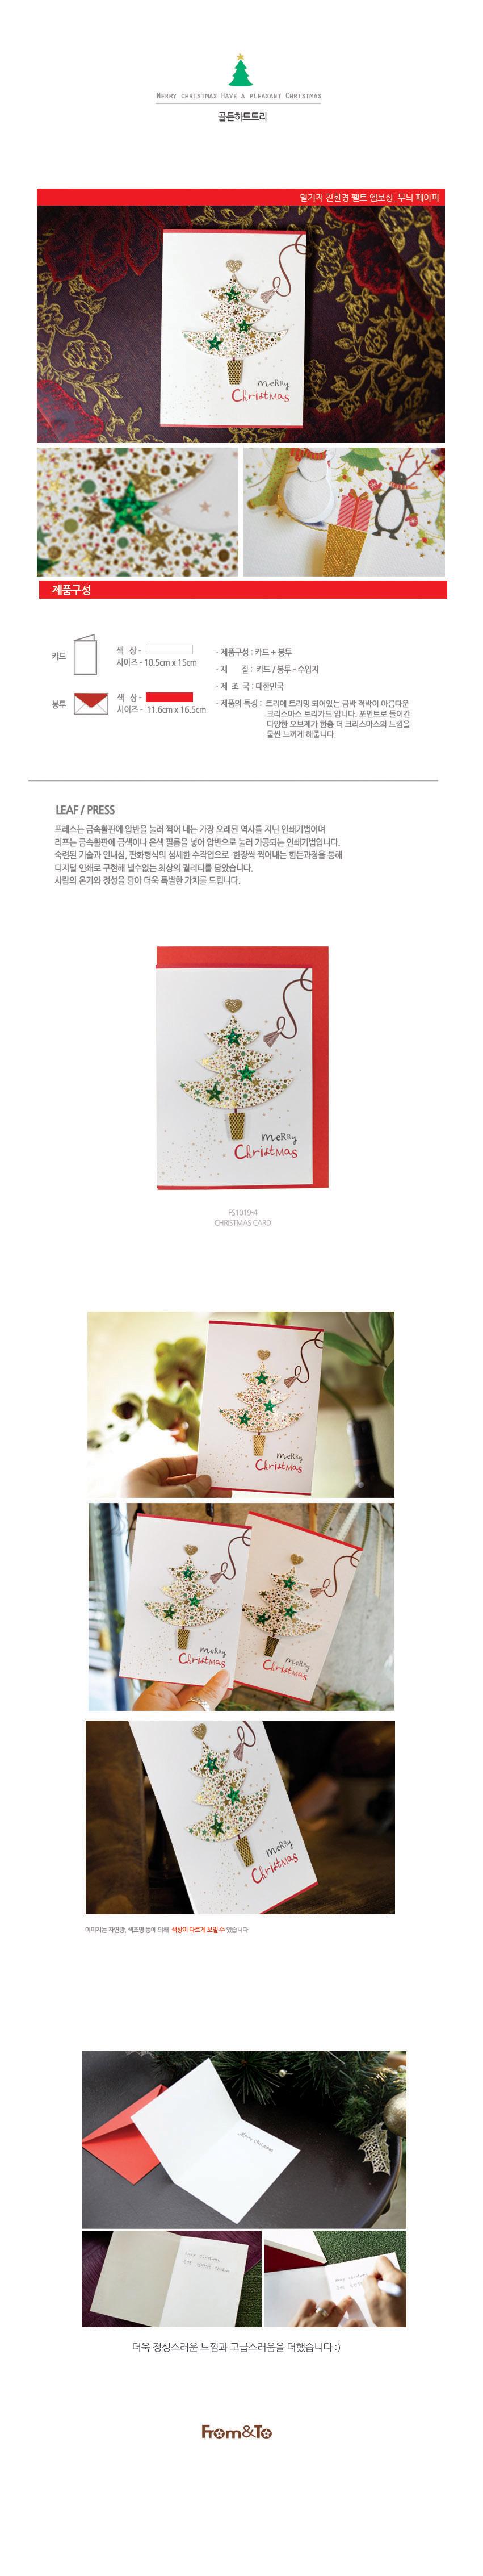 골든하트트리 FS1019-4 - 프롬앤투, 1,000원, 카드, 크리스마스 카드